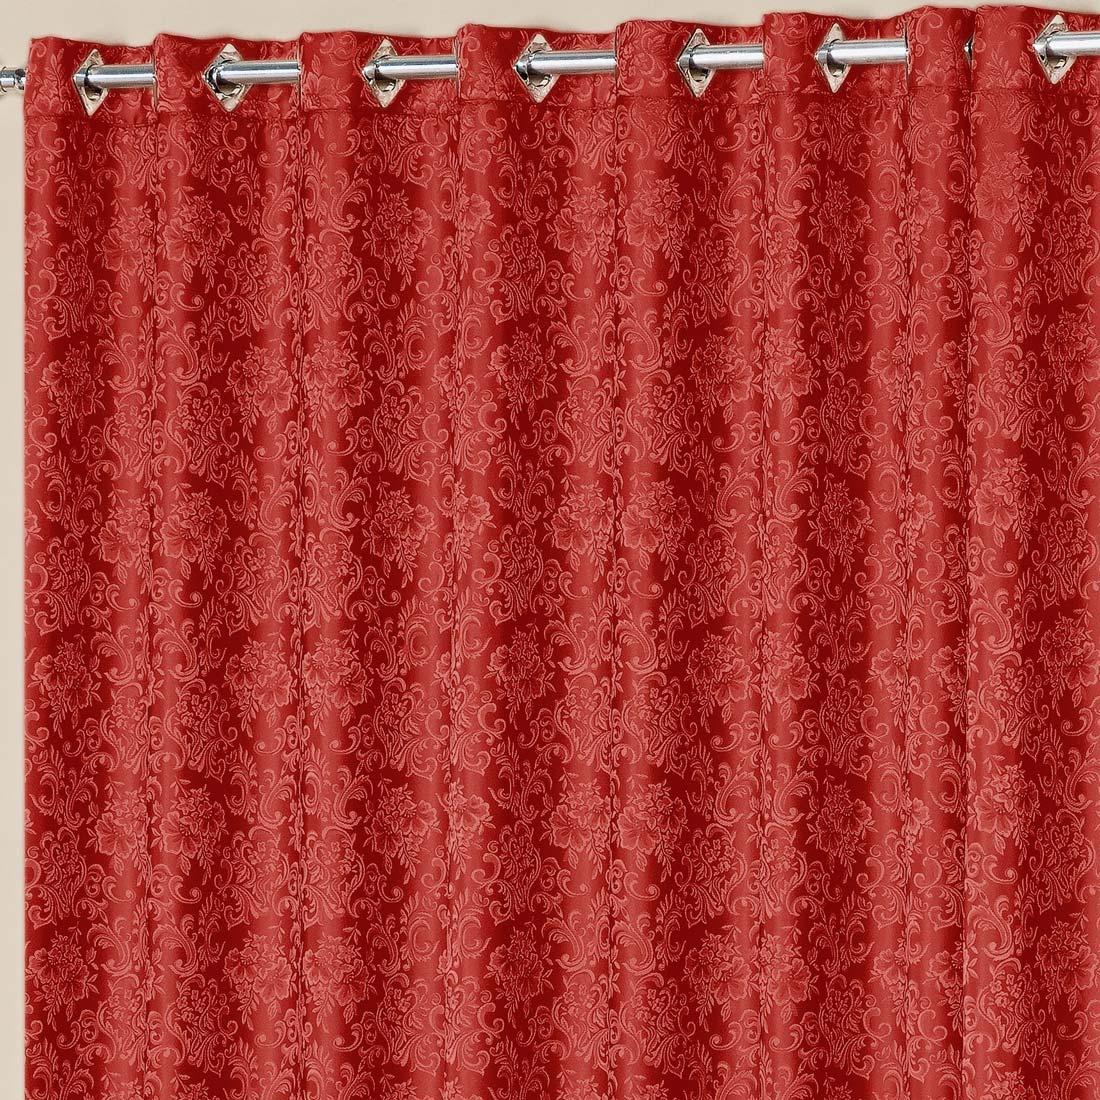 Cortina Nobre Jacquard Vermelho 3,00m x 2,50m p/ Varão Simples